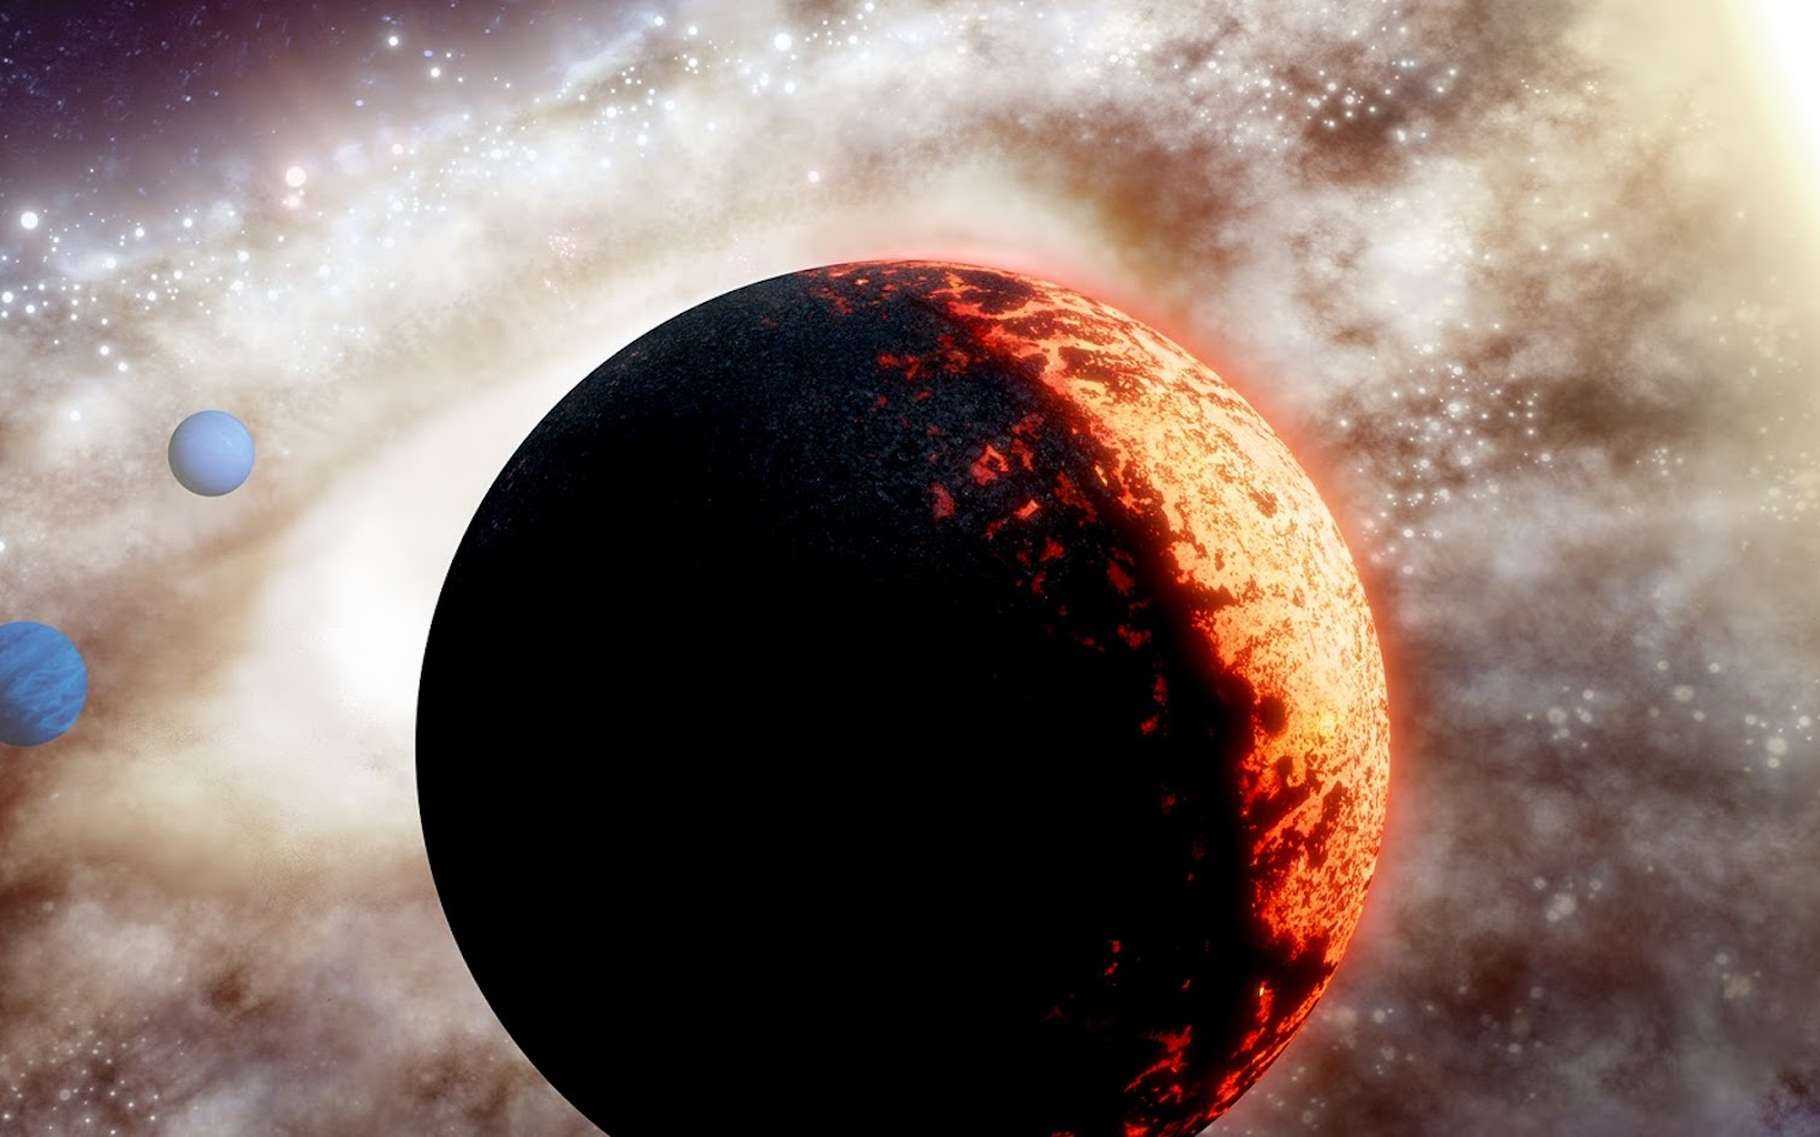 Avec TOI-561b — ici en vue d'artiste, accompagnée des deux planètes géantes qui composent aussi son système —, les astronomes ont désormais la preuve que des planètes rocheuses ont pu se former très tôt dans l'histoire de l'Univers. © Adam Makarenko, W. M. Keck Observatory